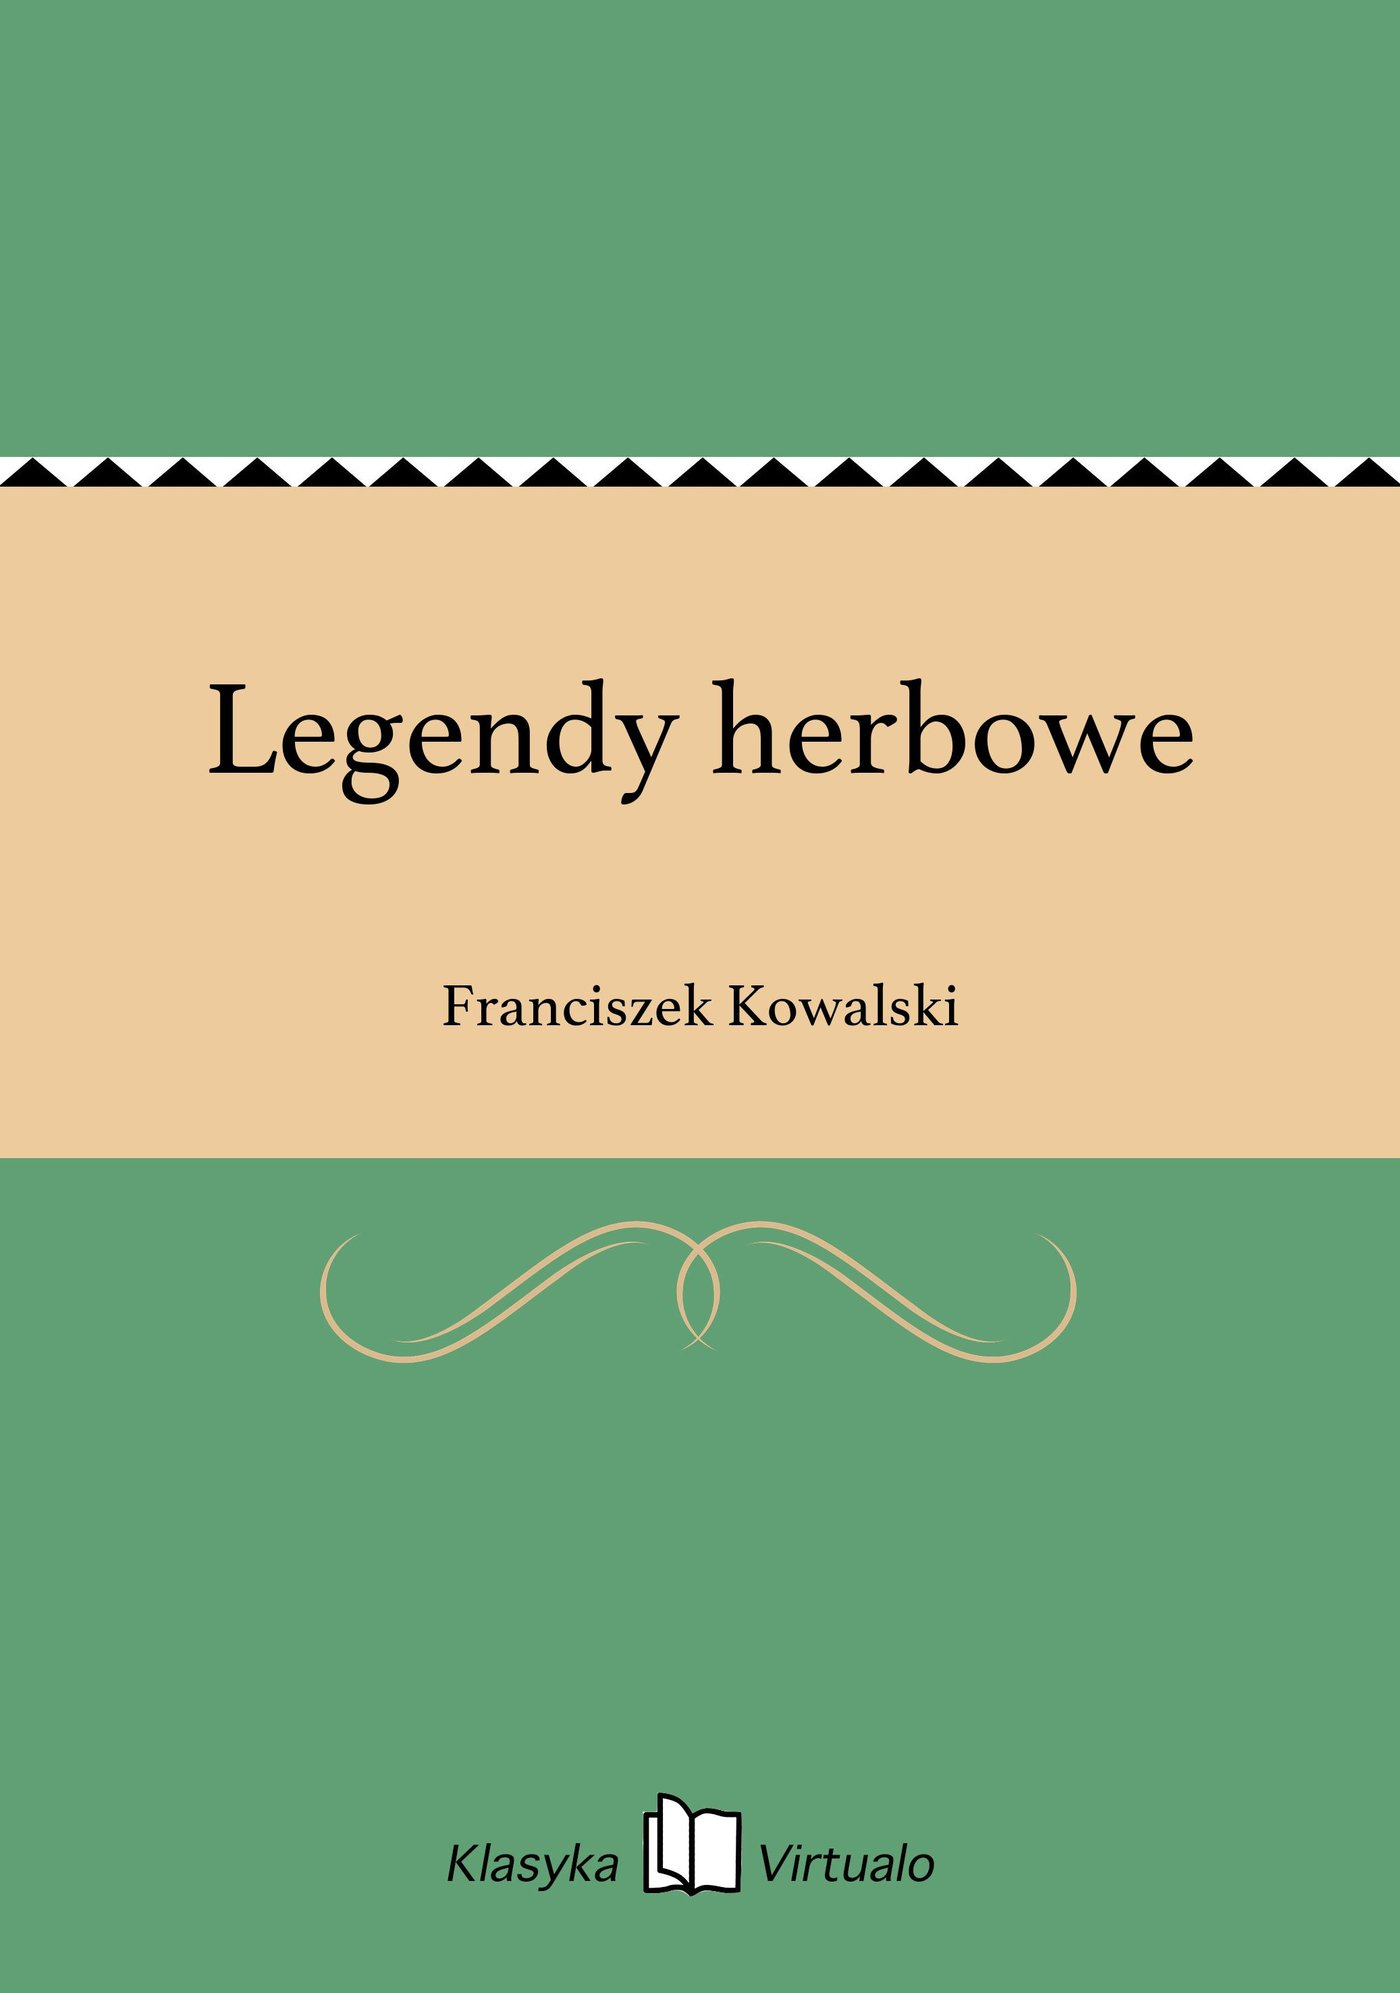 Legendy herbowe - Ebook (Książka EPUB) do pobrania w formacie EPUB